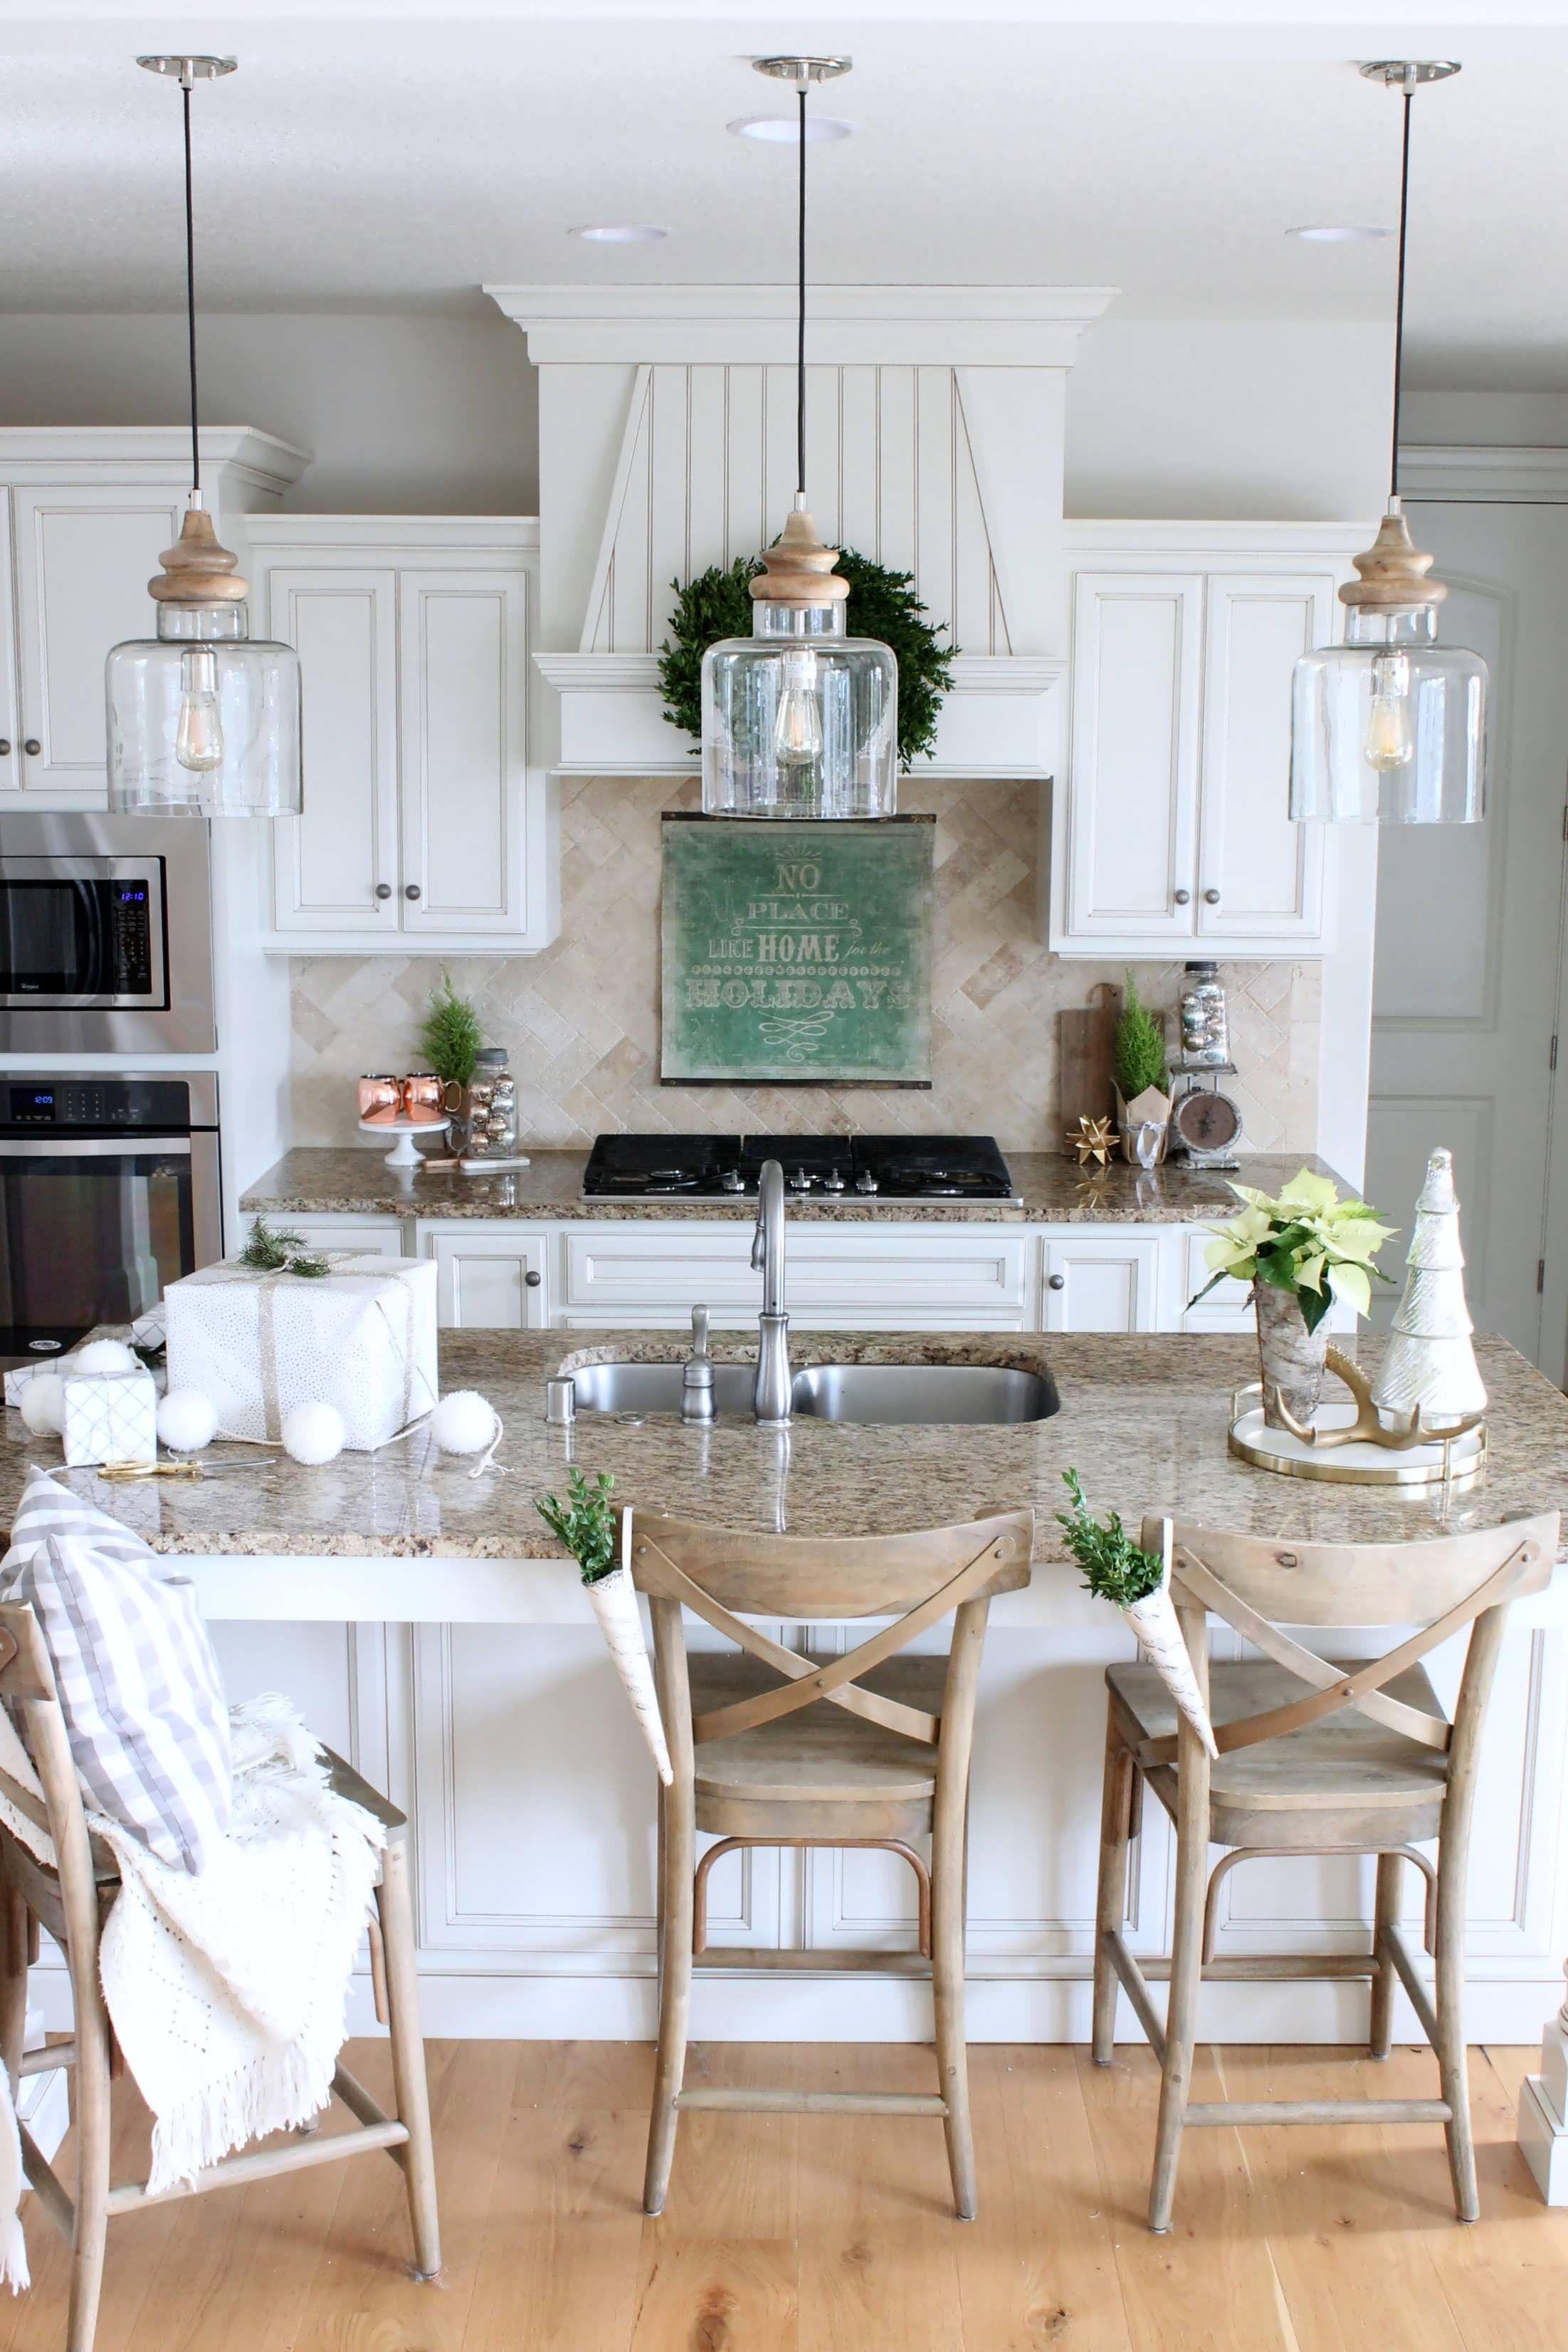 Beleuchtung ideen über kücheninsel  beeindruckende industrielle küche insel beleuchtung foto ideen